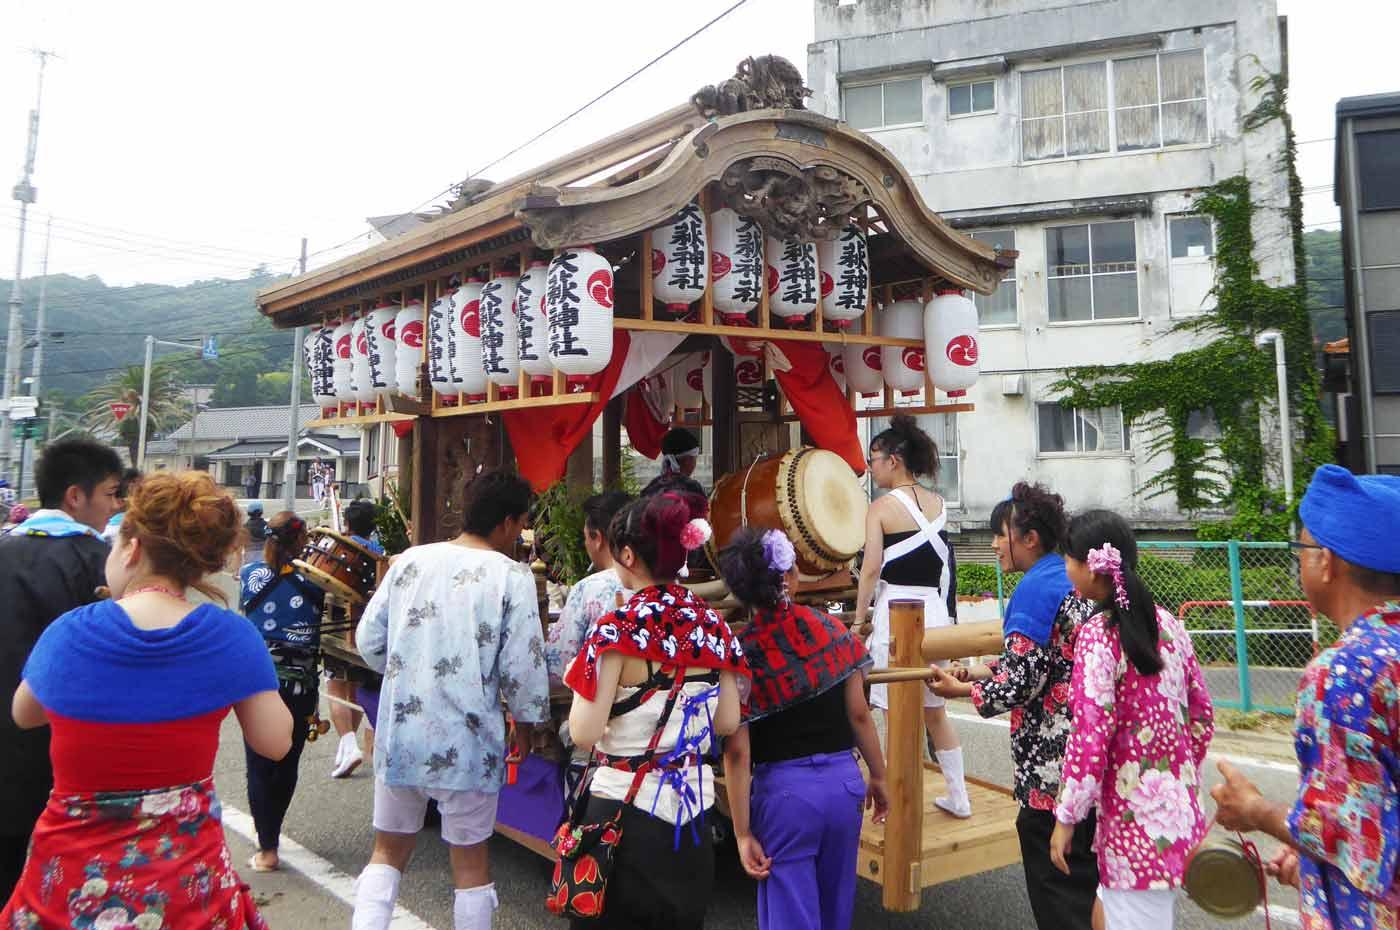 大荻神社の屋台を後ろから撮影